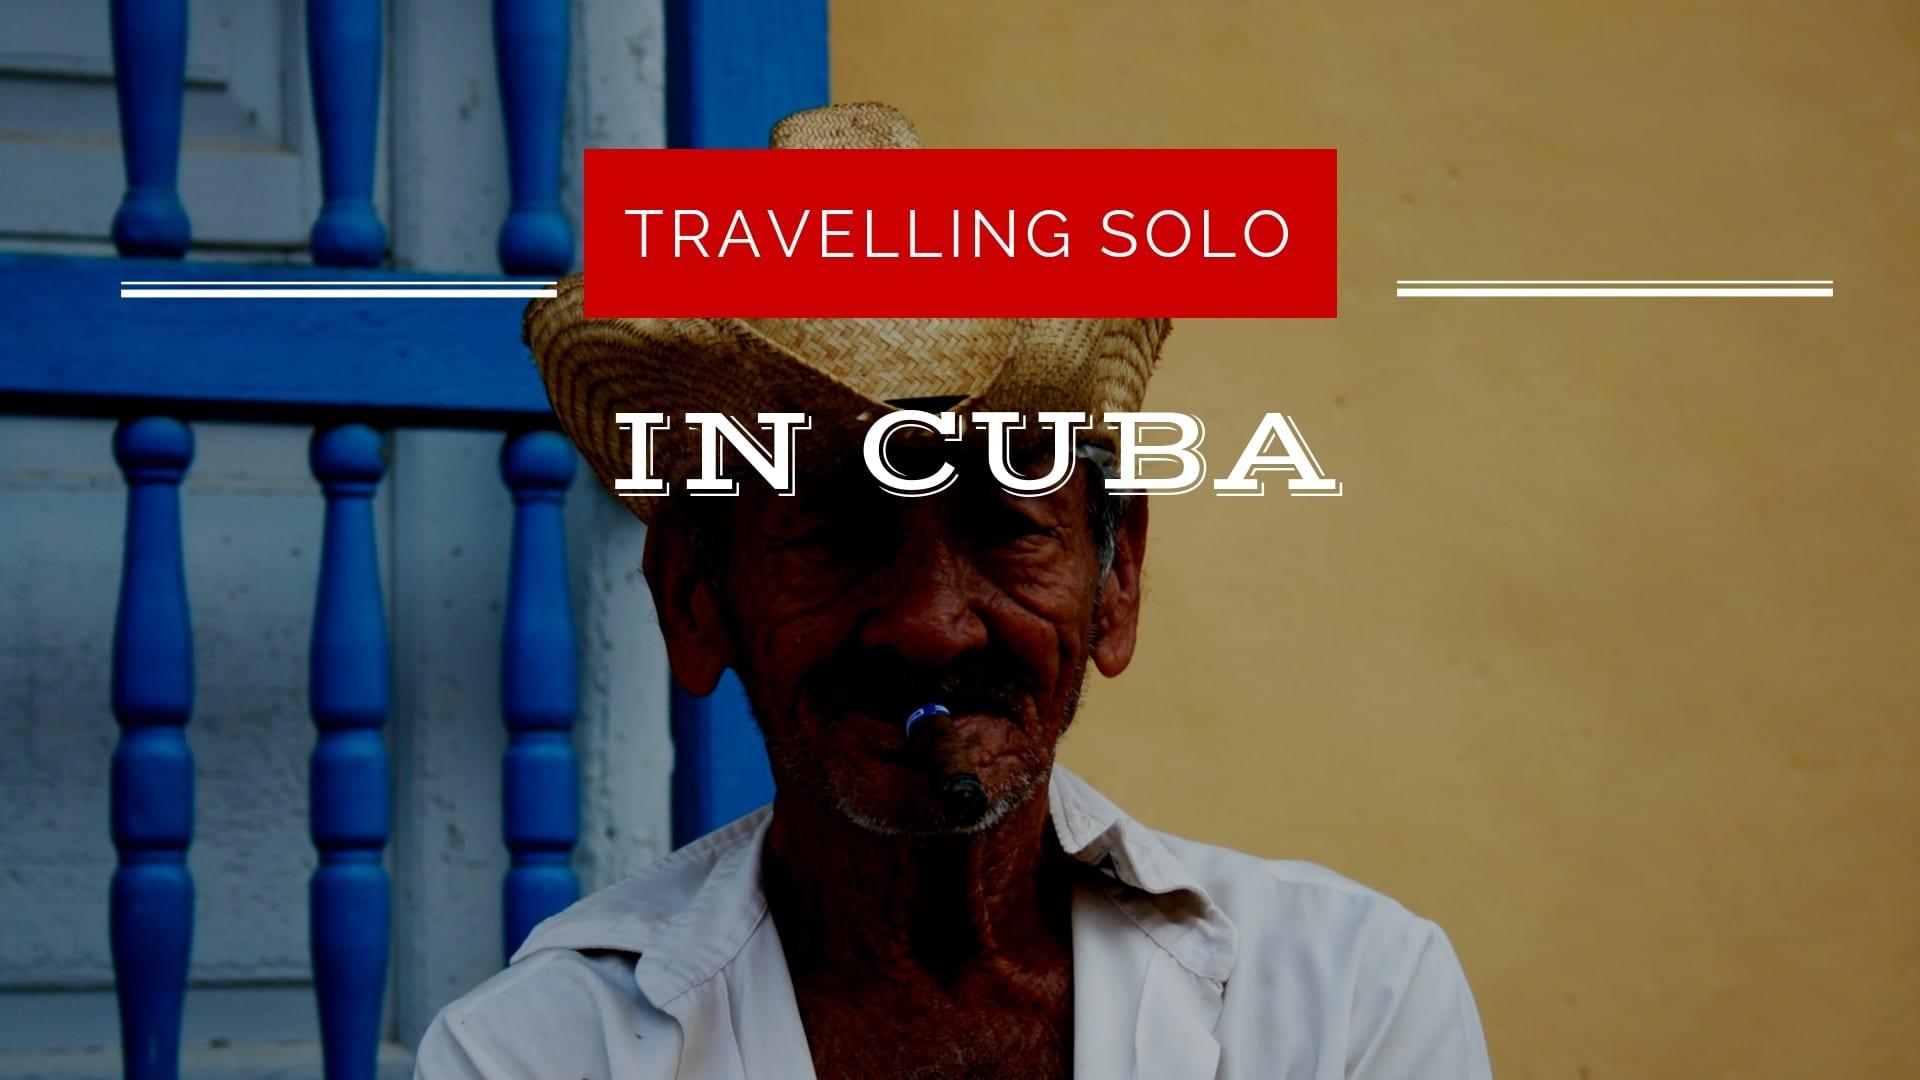 Travelling Solo in Cuba